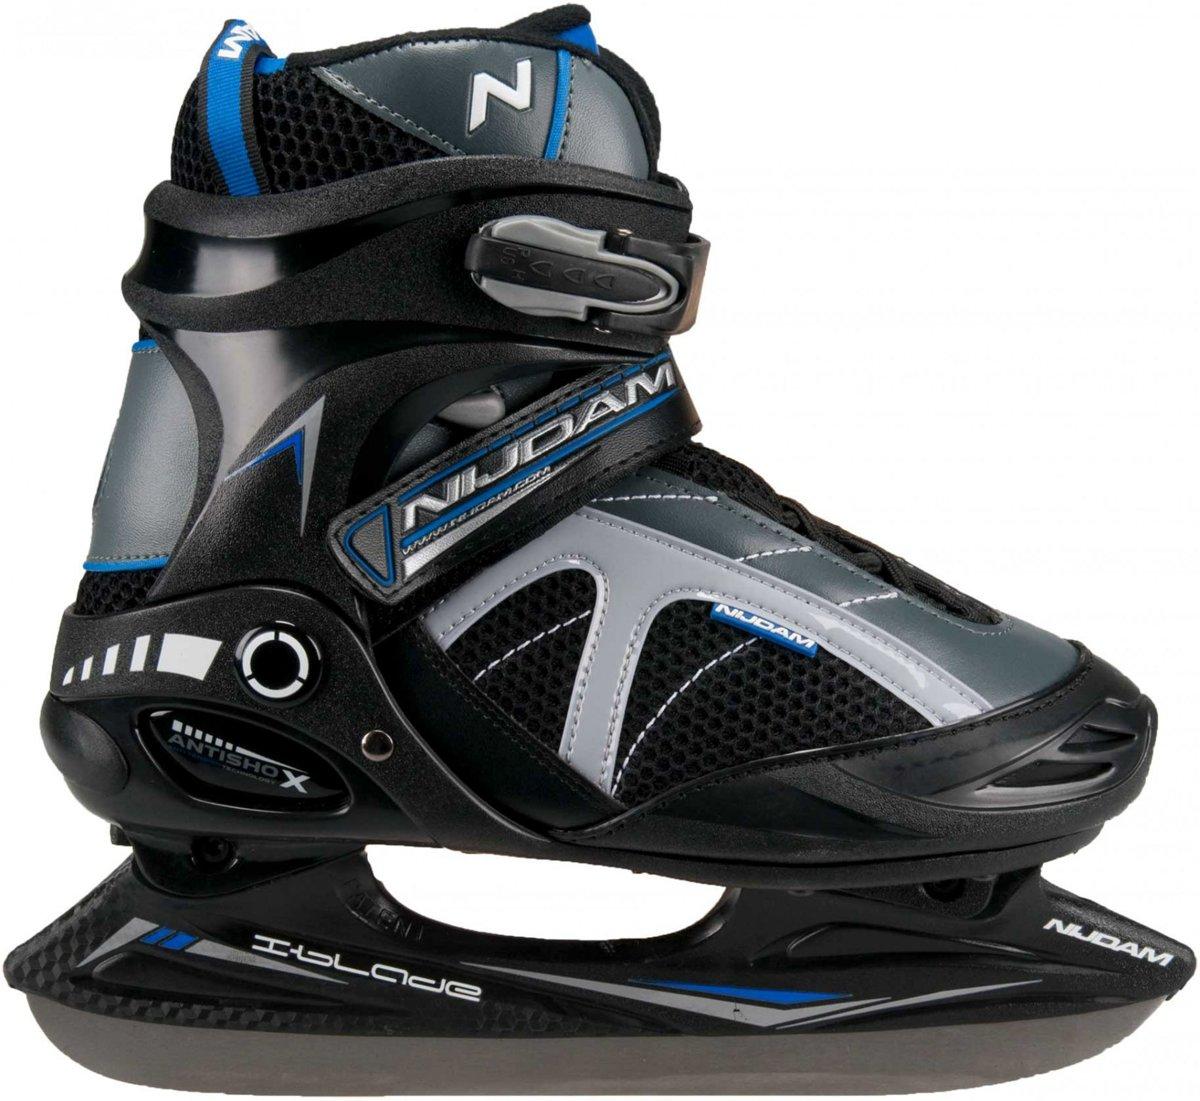 Nijdam Ijshockeyschaats - Semi-Softboot - Grijs/Zwart/Blauw - Maat 37